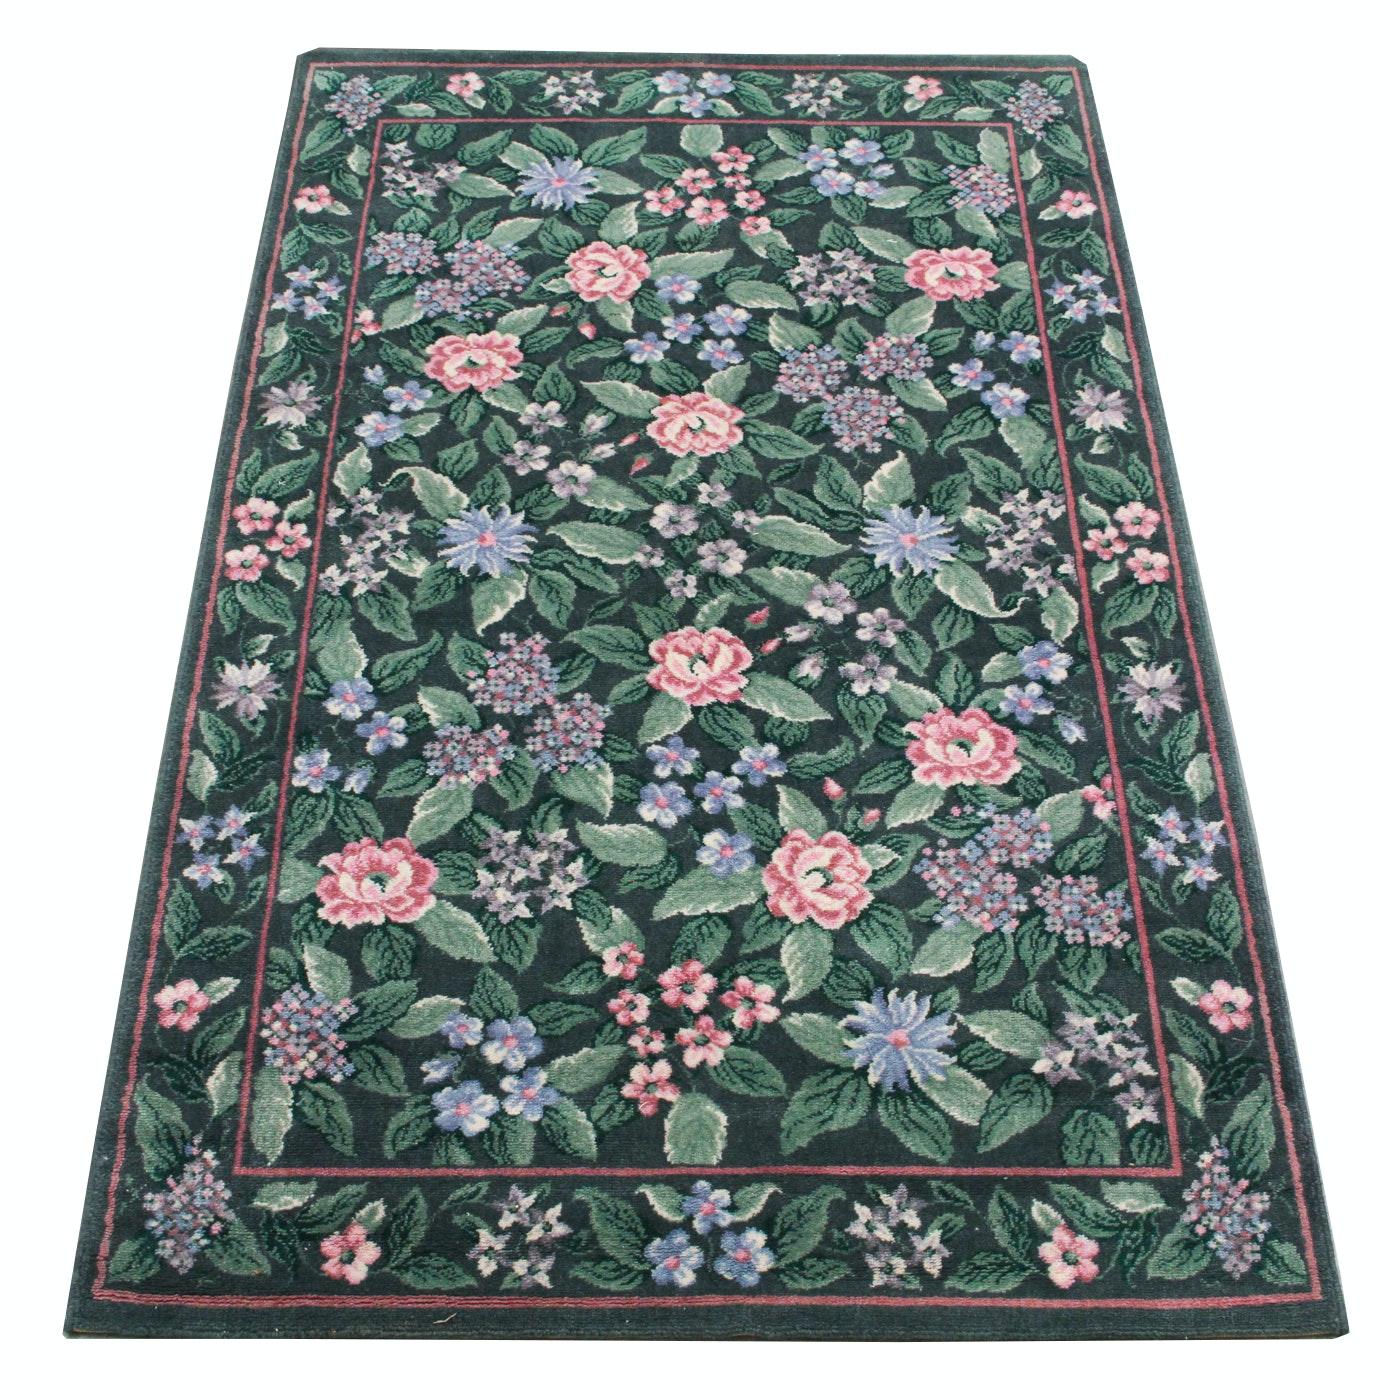 Machine Made Contemporary Floral Area rug